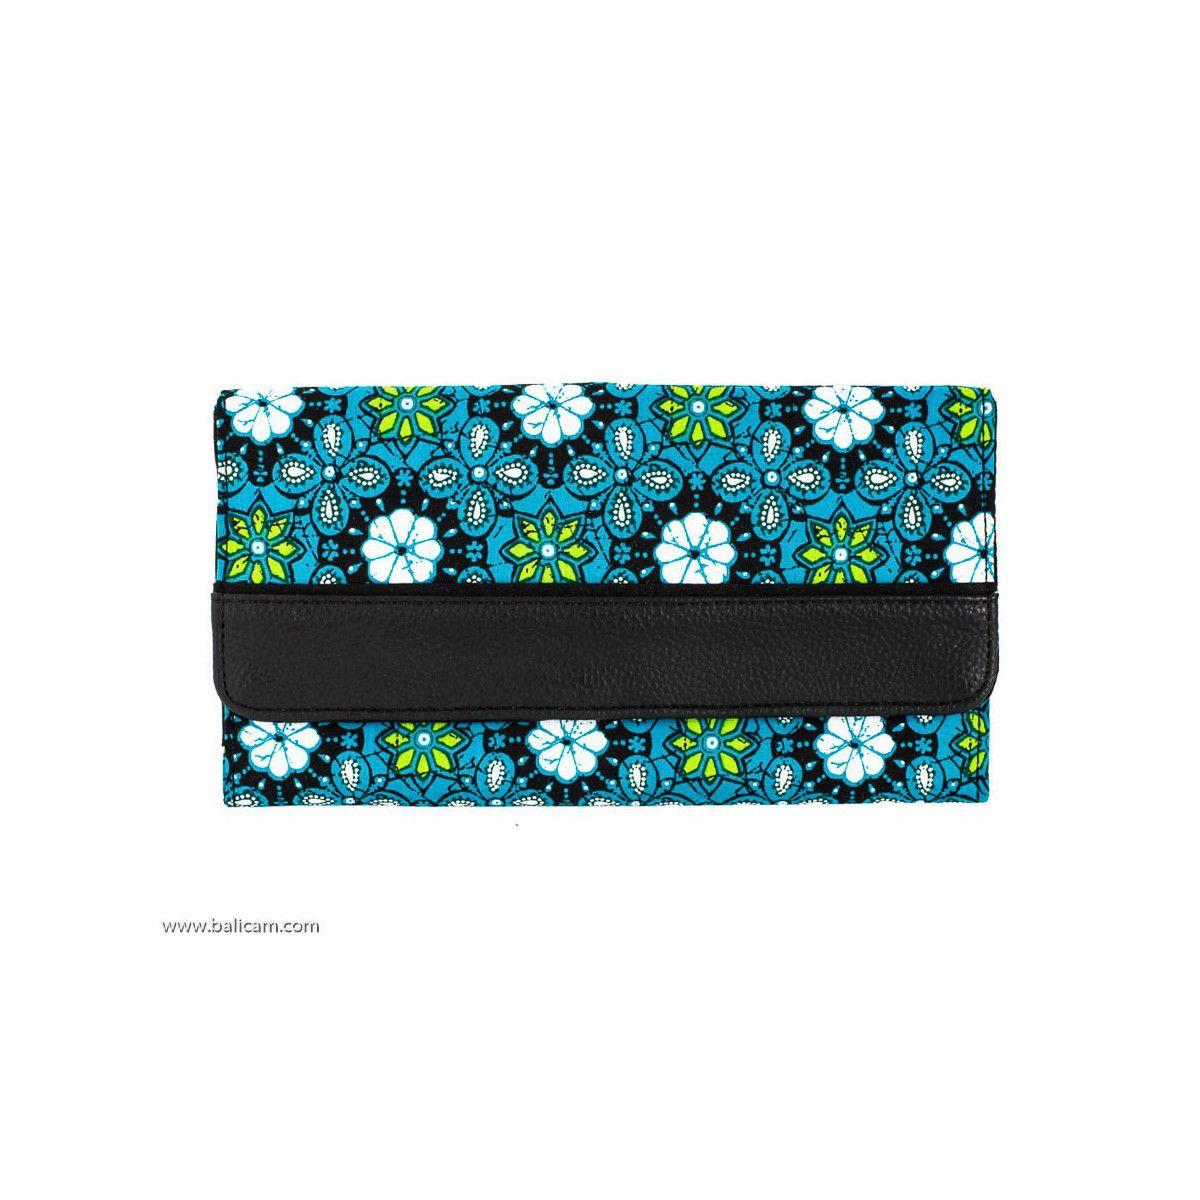 Portefeuille compagnon tout-en-un original noir et bleu